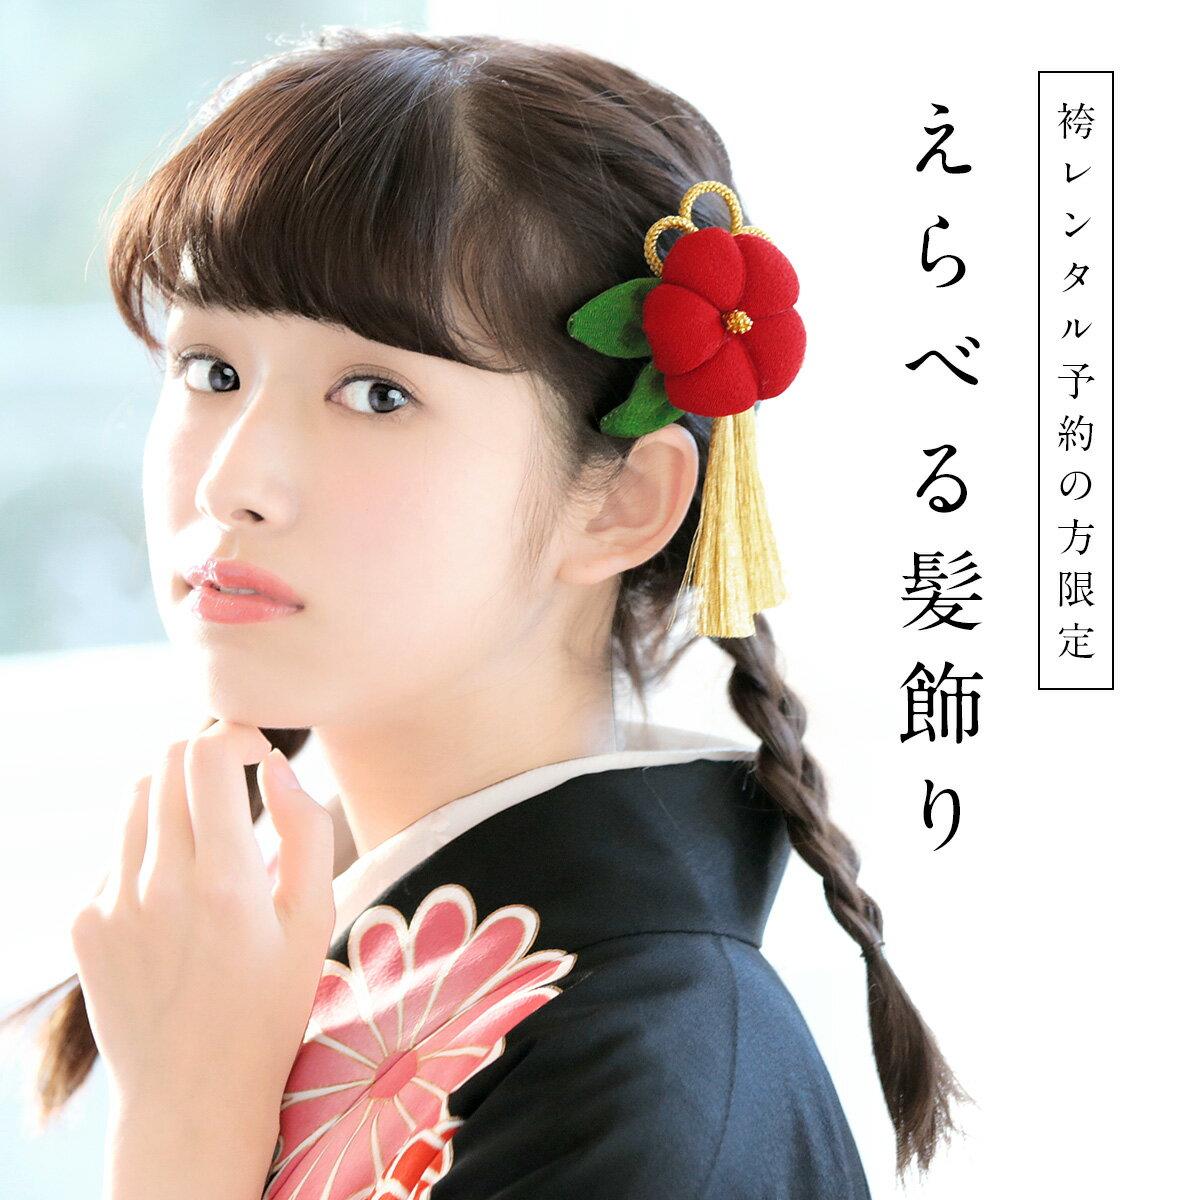 【レンタル】【※袴セット専用髪飾り※】選べる14種類!袴セット同時レンタル限定